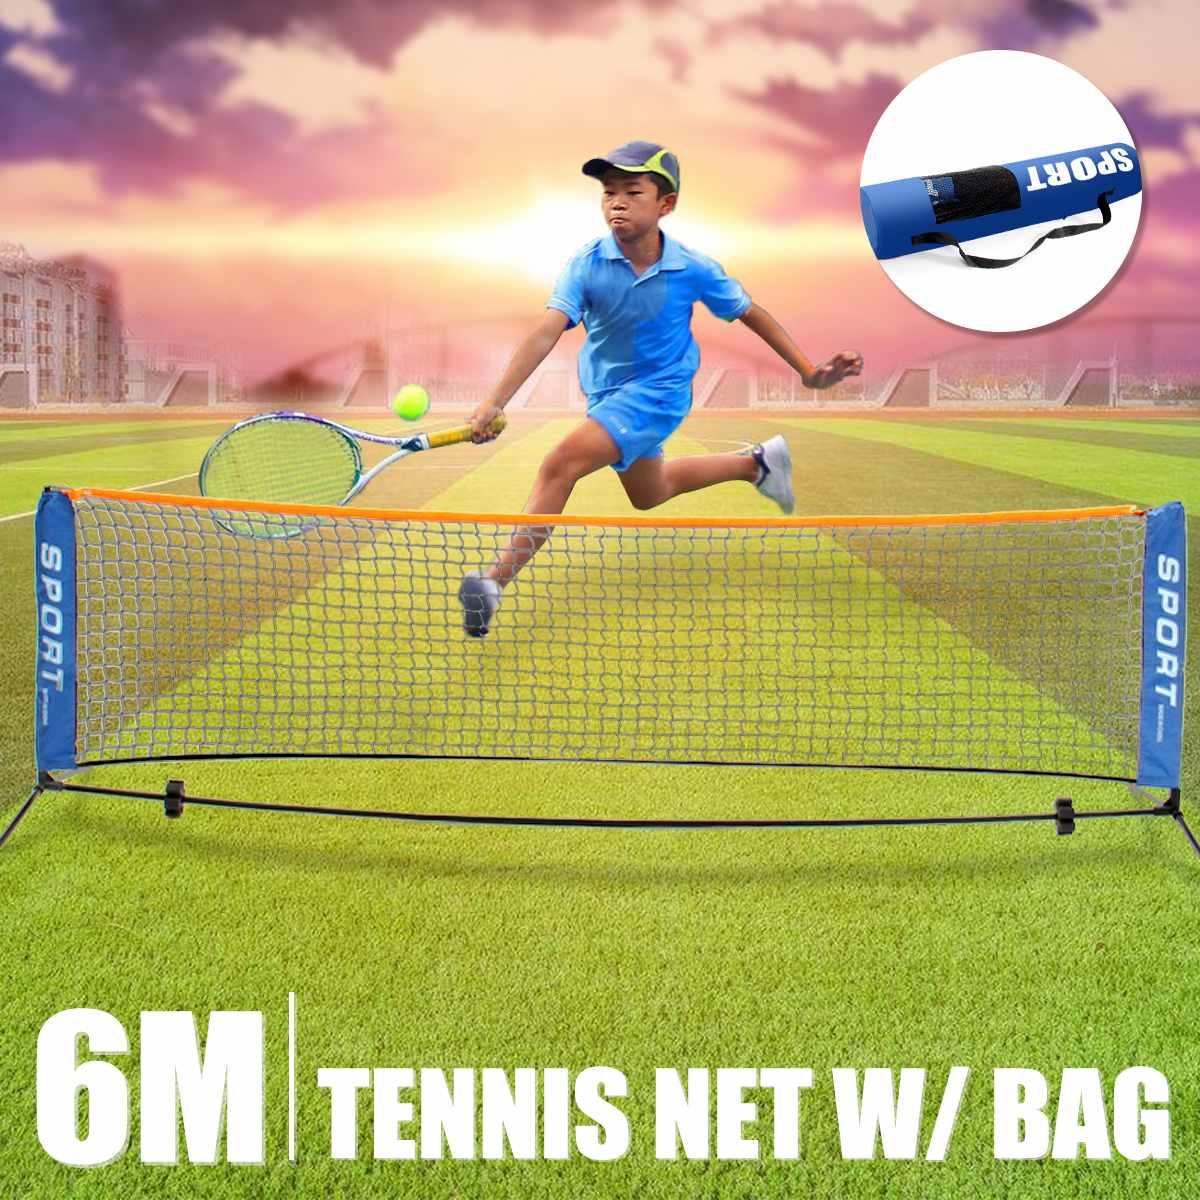 חיצוני טניס נטו נייד 3/6 מטרים זמין מקורה ספורט מתקפל מיני טניס נטו לילדים צינור פלדה + ברזל יצוק